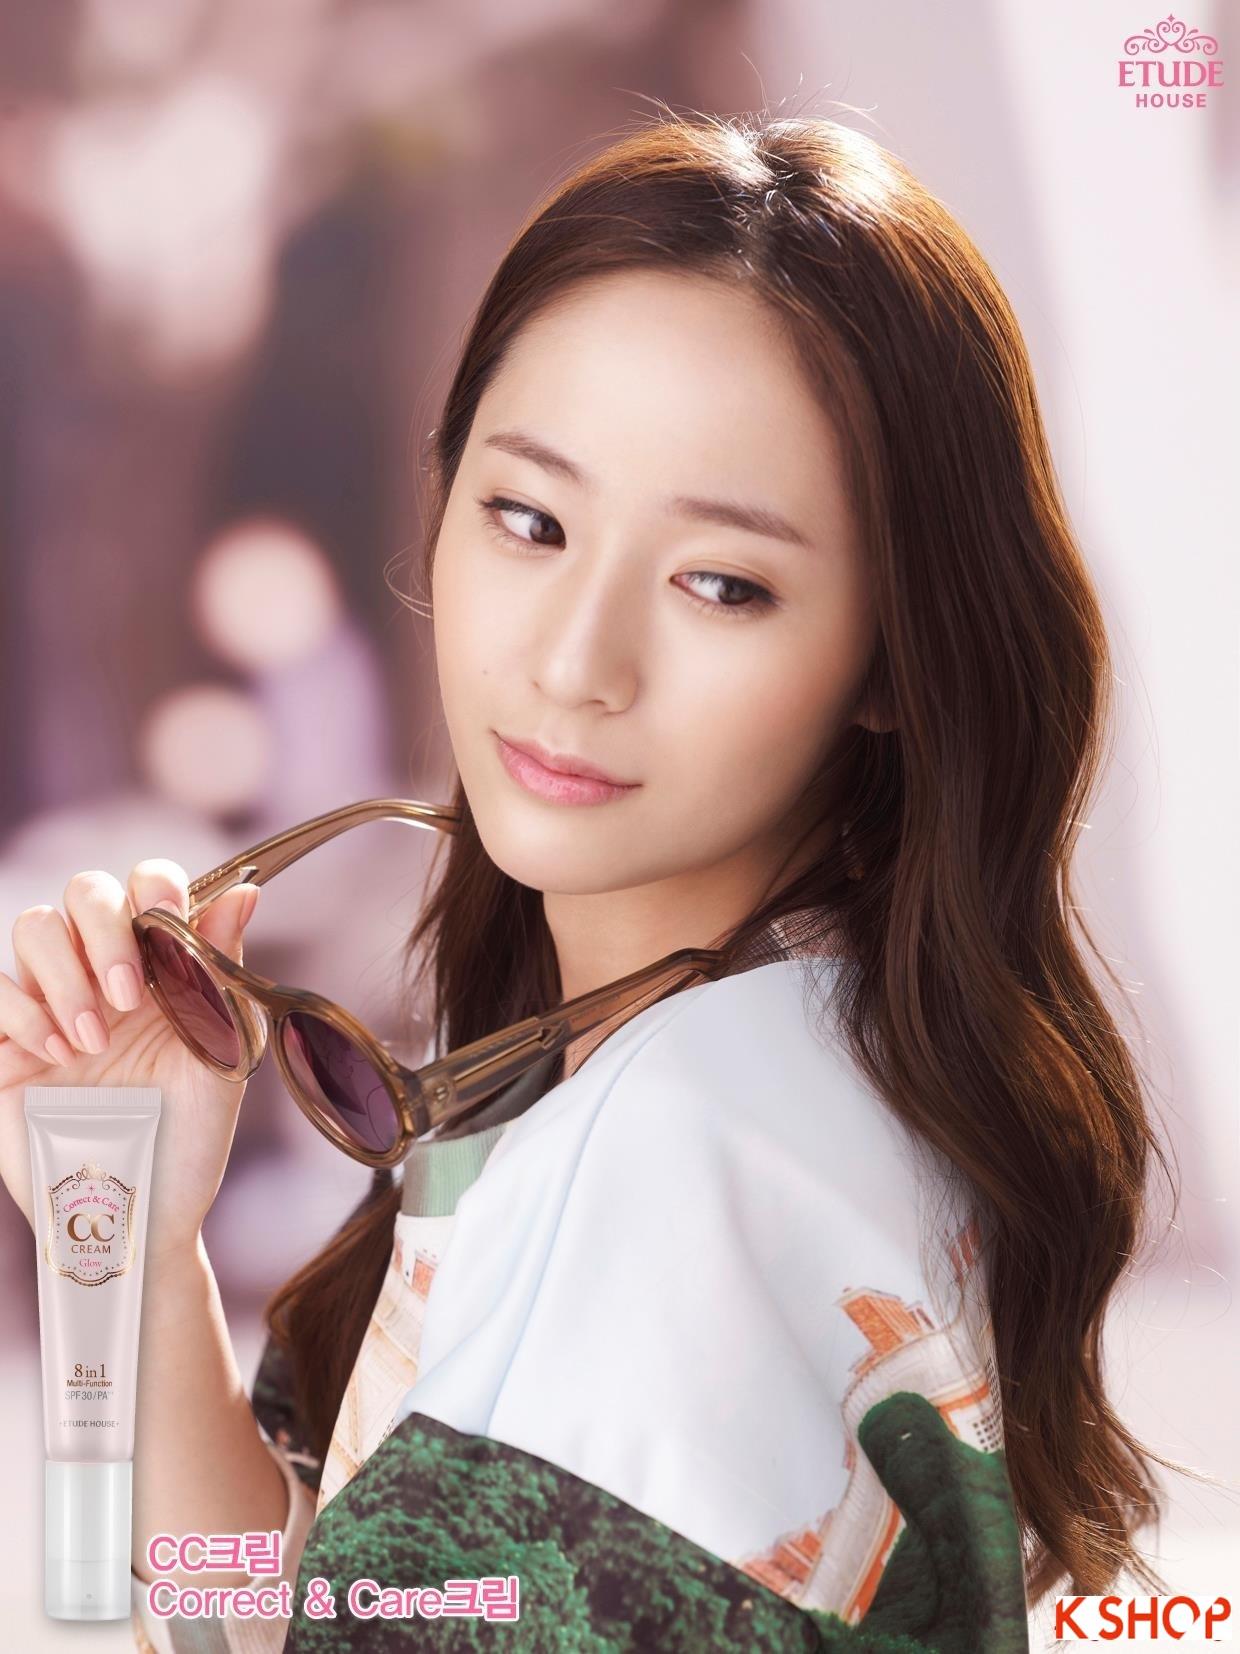 Tóc xoăn dài gợn sóng Hàn Quốc đẹp cho cô nàng dạo phố hè 2017 phần 3